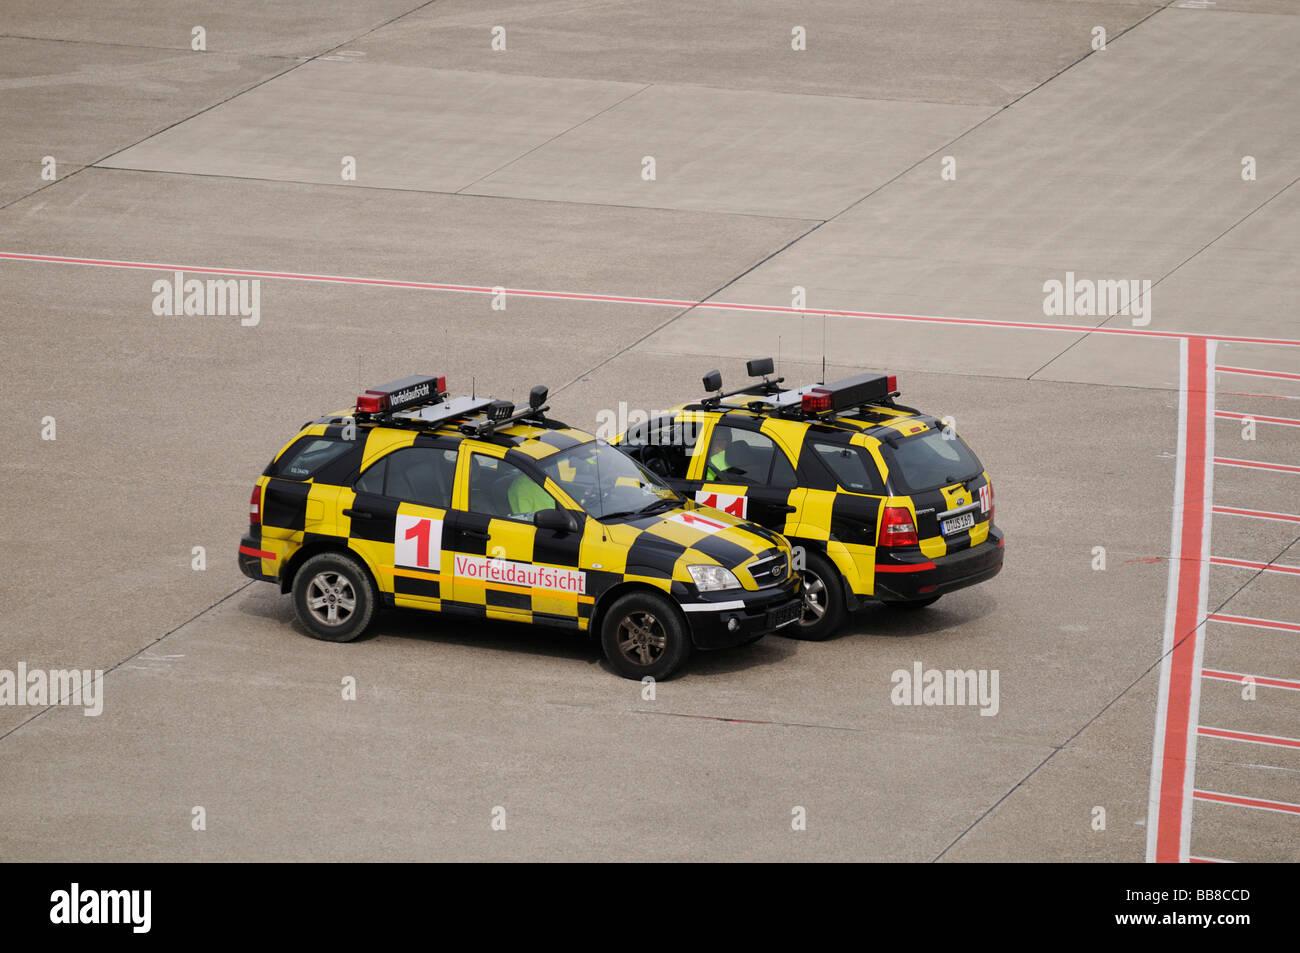 Deux véhicules à damier noir et jaune sur une piste, suivez-moi, les voitures de l'Aéroport International Photo Stock